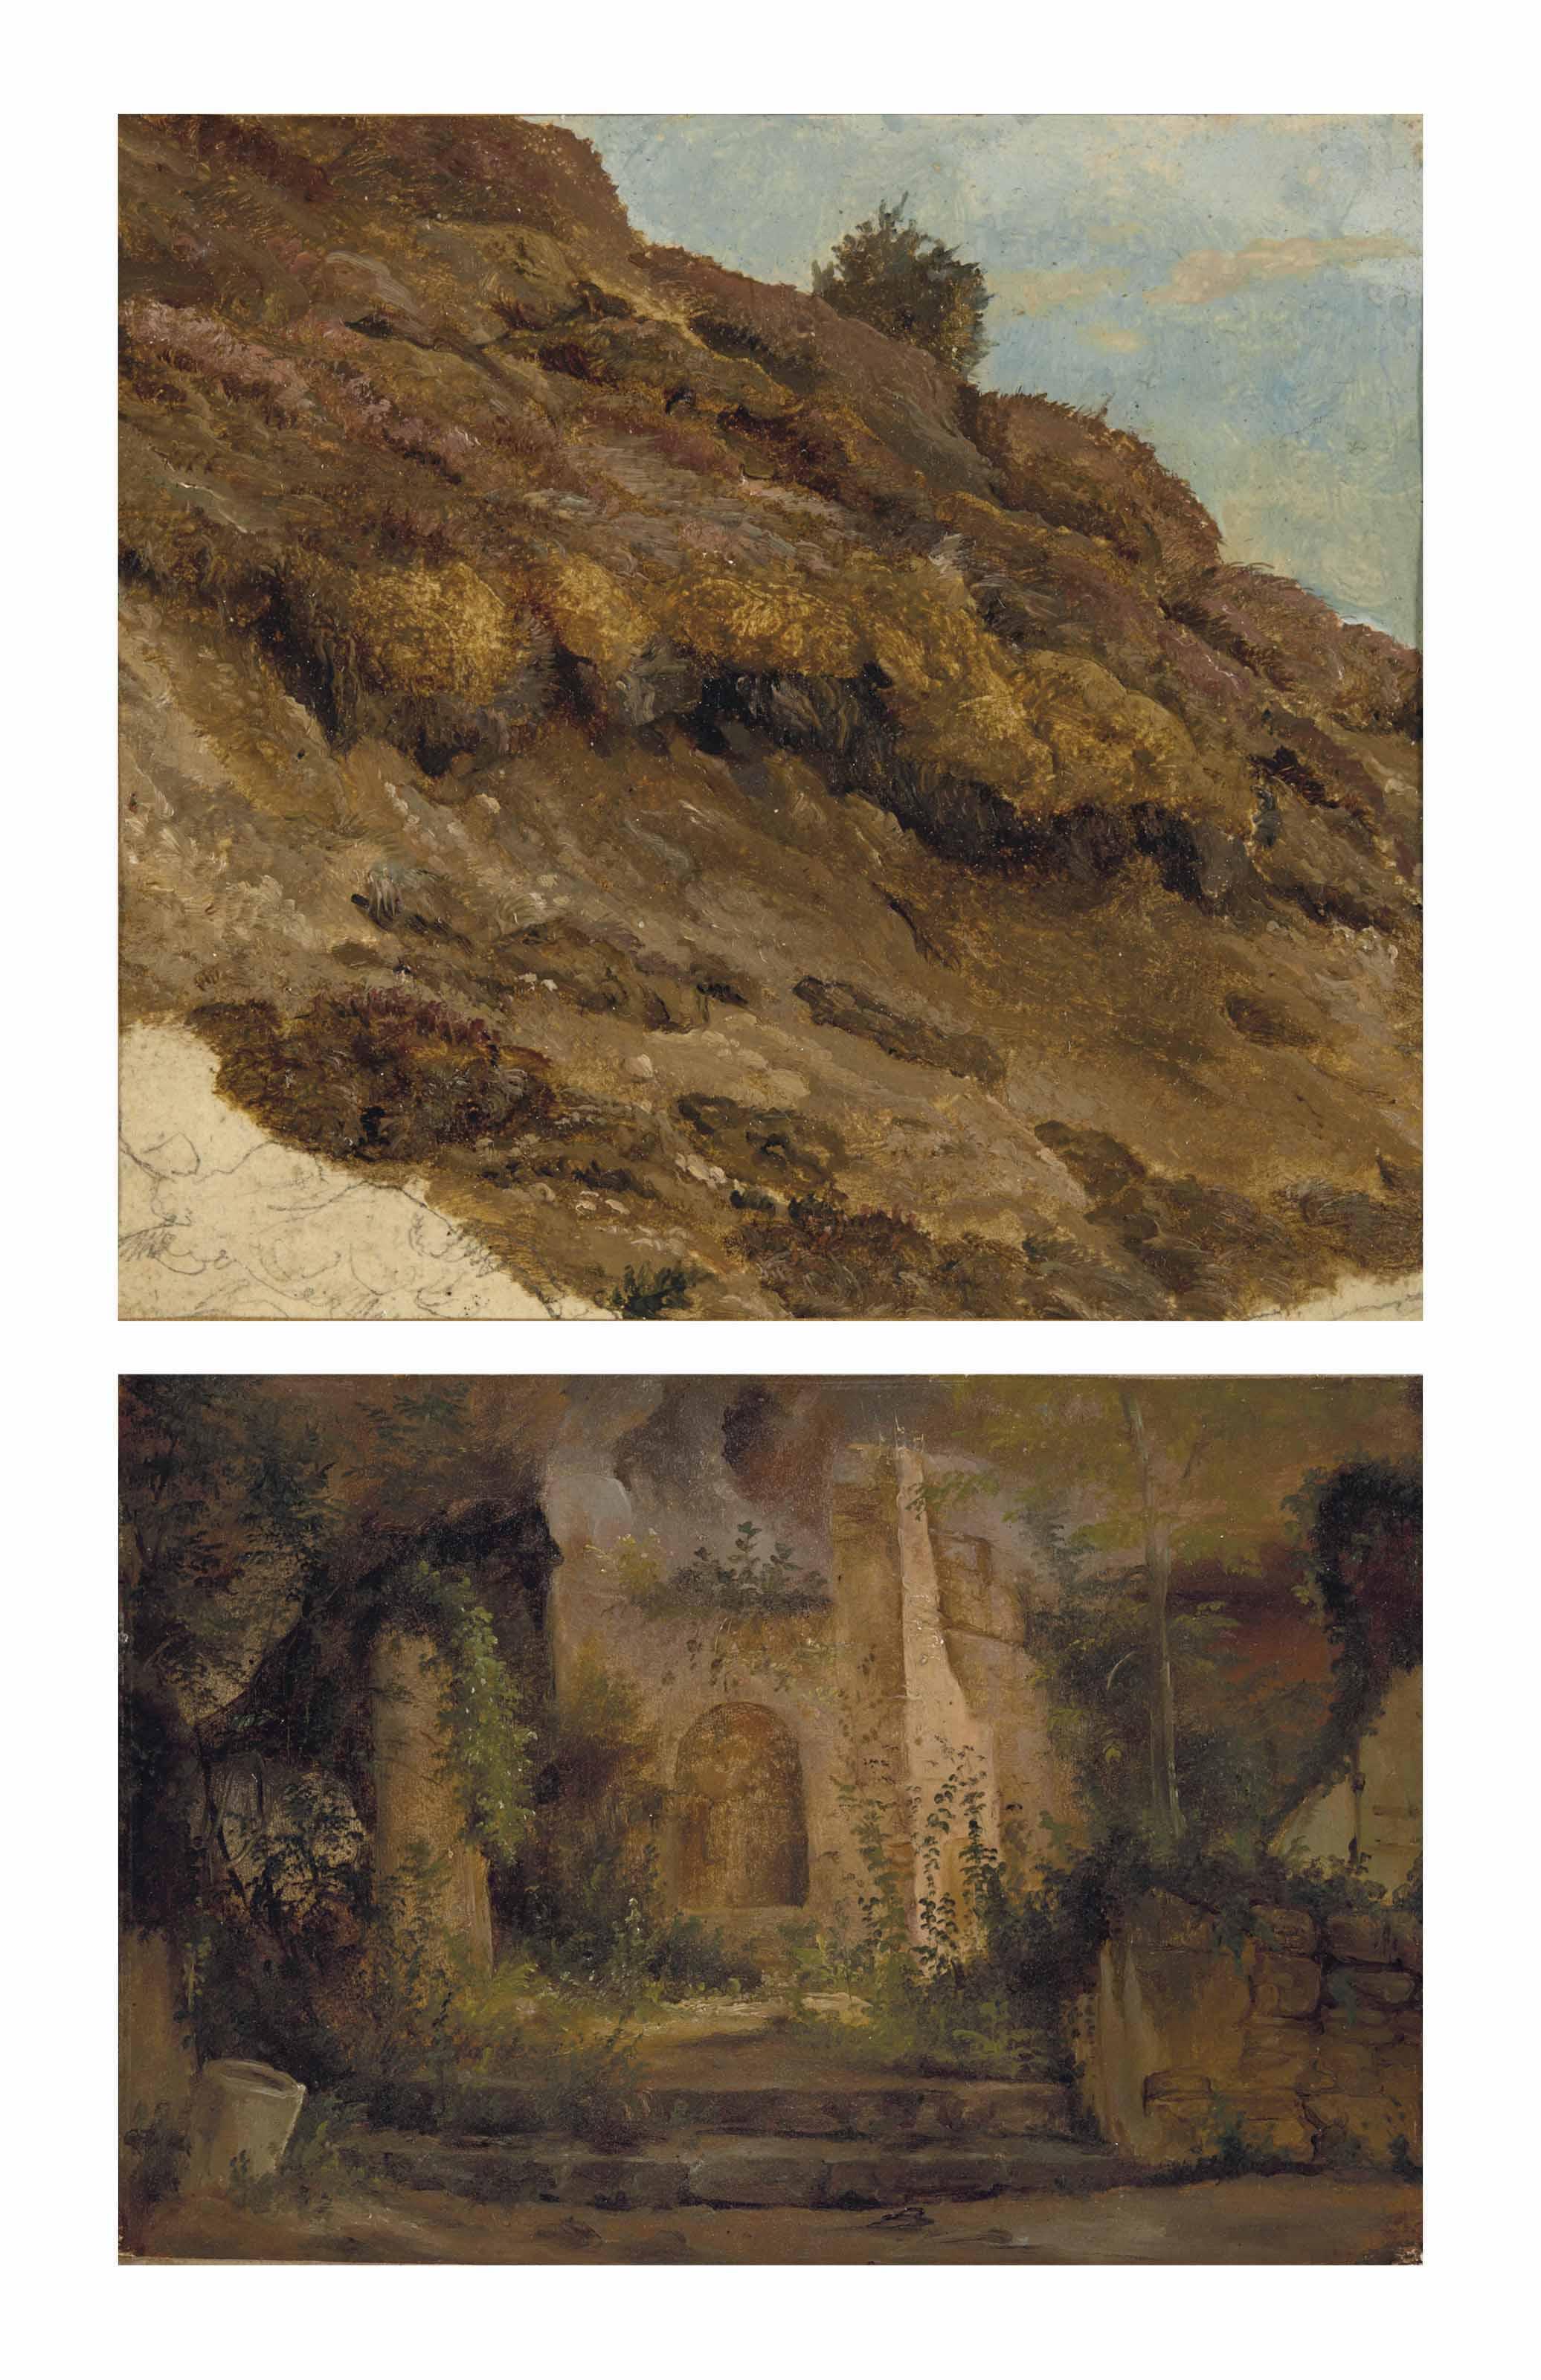 HERMANN KAUFFMANN LE VIEUX (HAMBOURG 1808-1889) Étude de rochers  huile sur papier marouflé sur toile 16,2 x 17,5 cm. (6 3/8 x 6 7/8 in.)